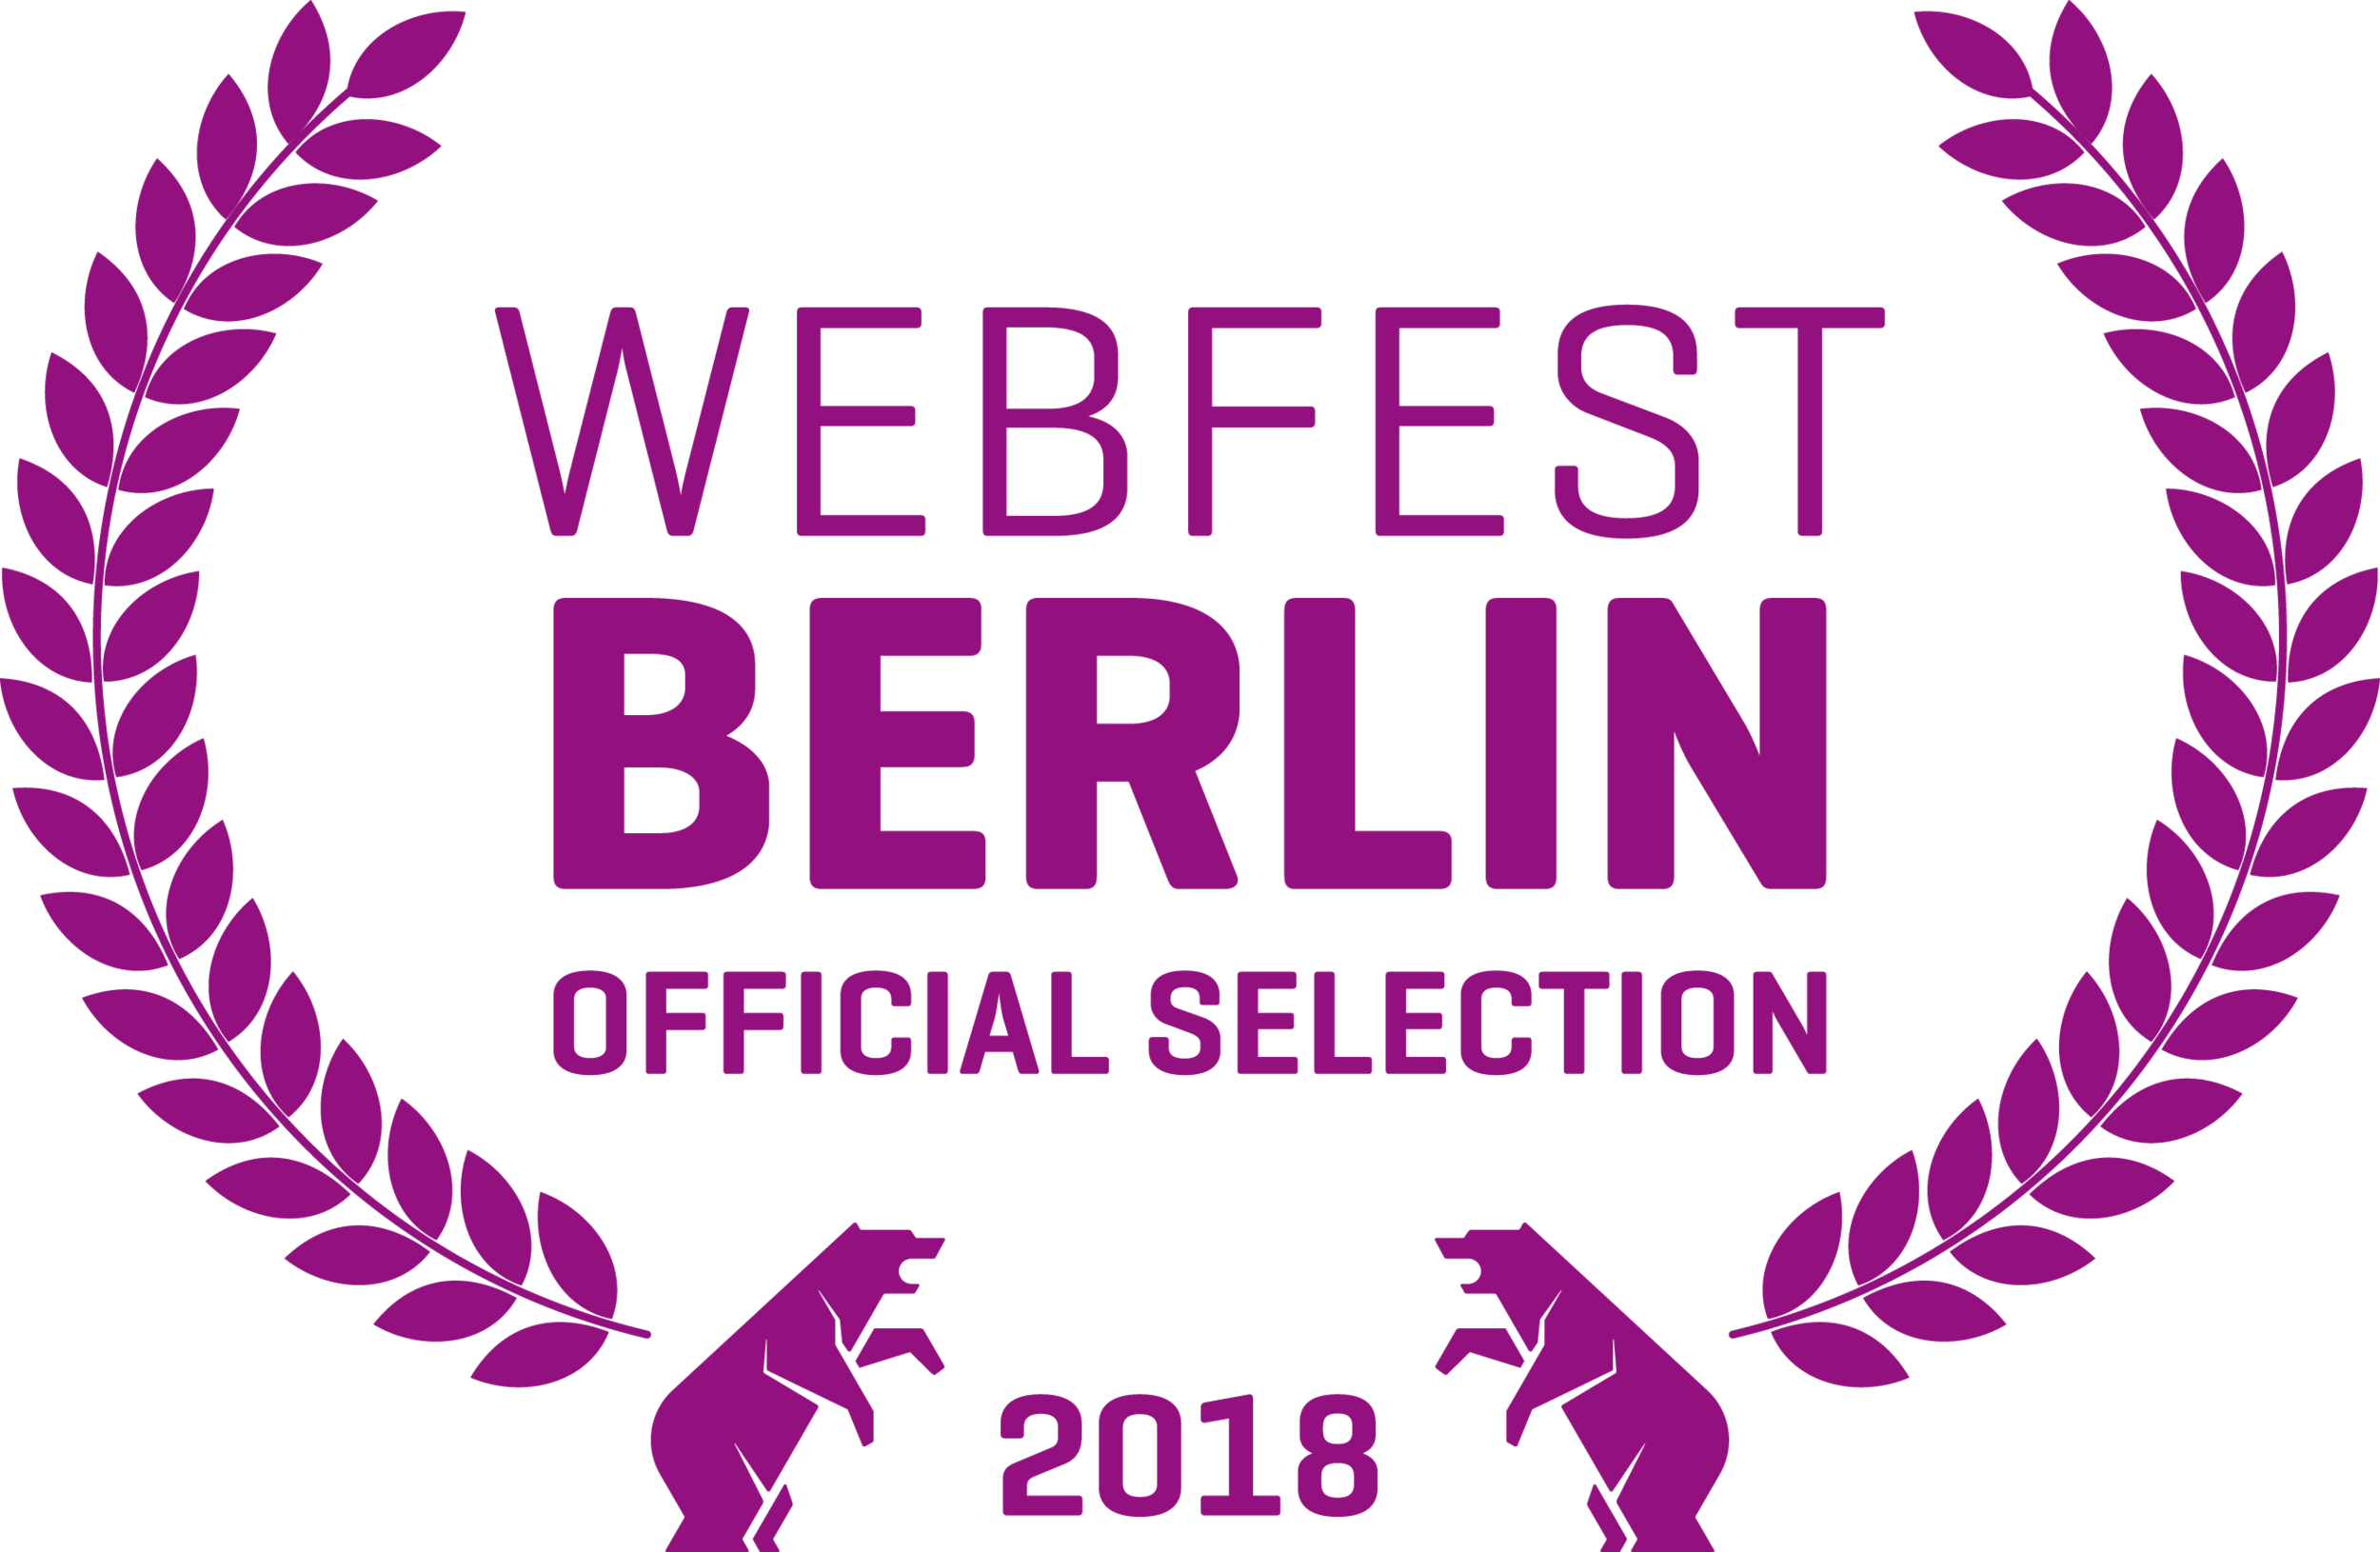 webfest berlin purple.png